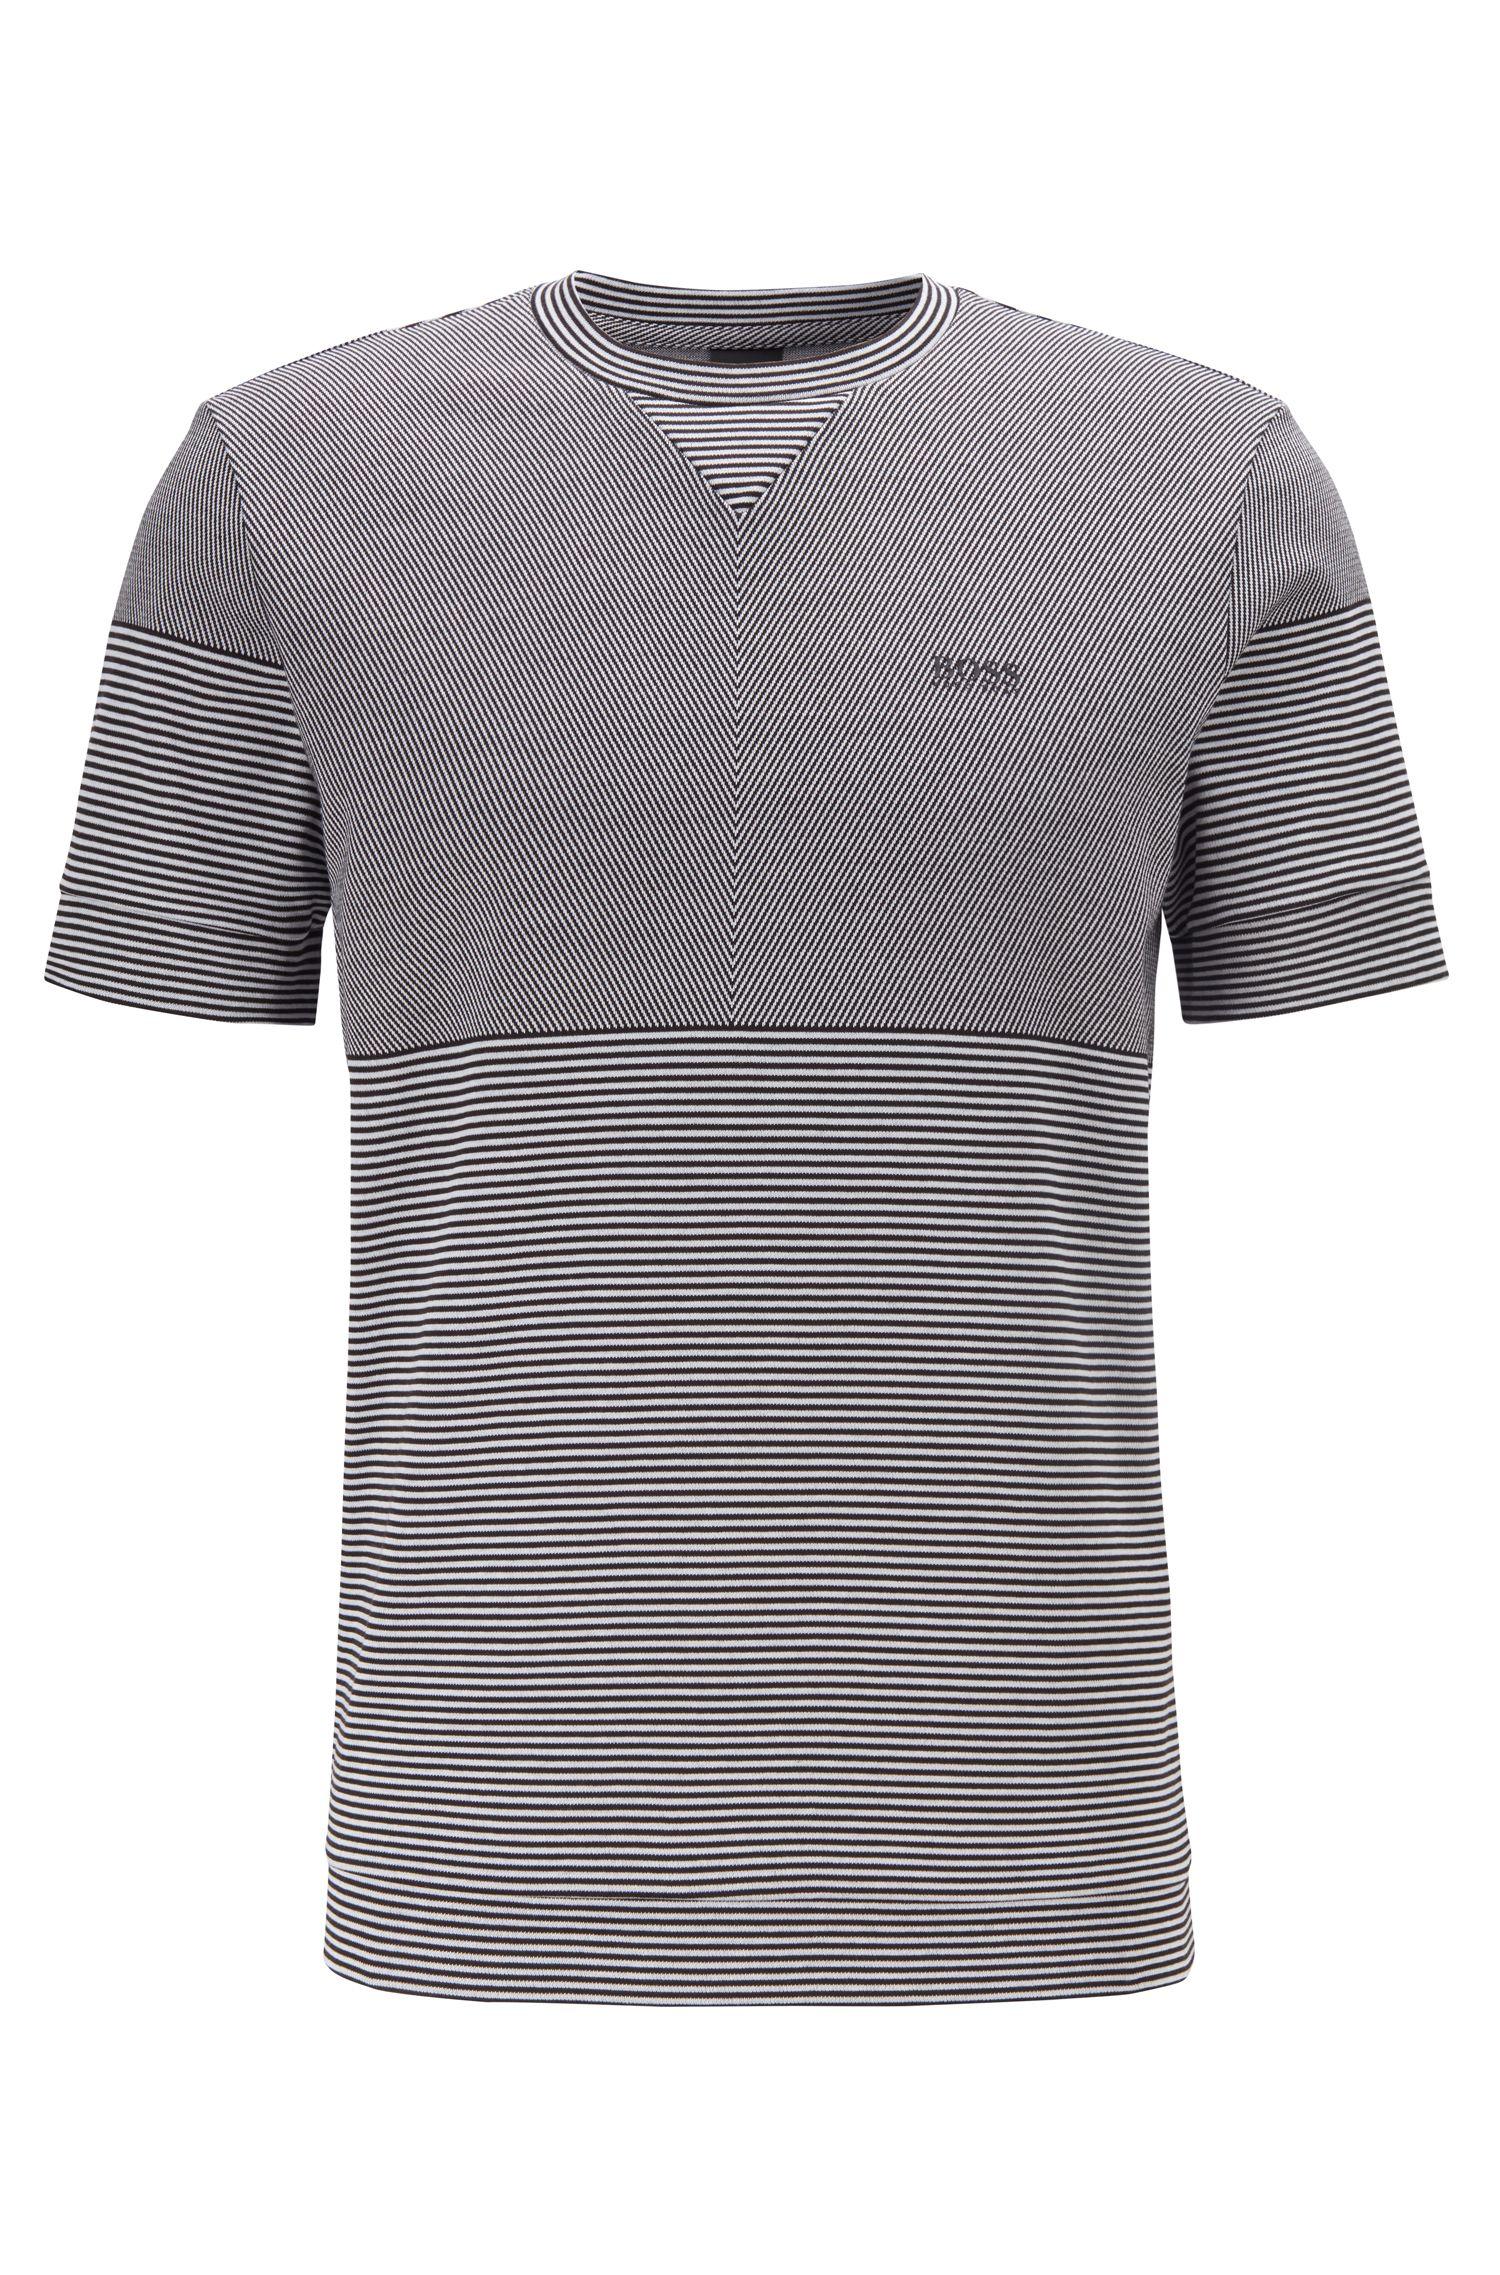 Kurzarm-Sweatshirt aus Baumwoll-Jacquard mit Streifen-Elementen, Schwarz